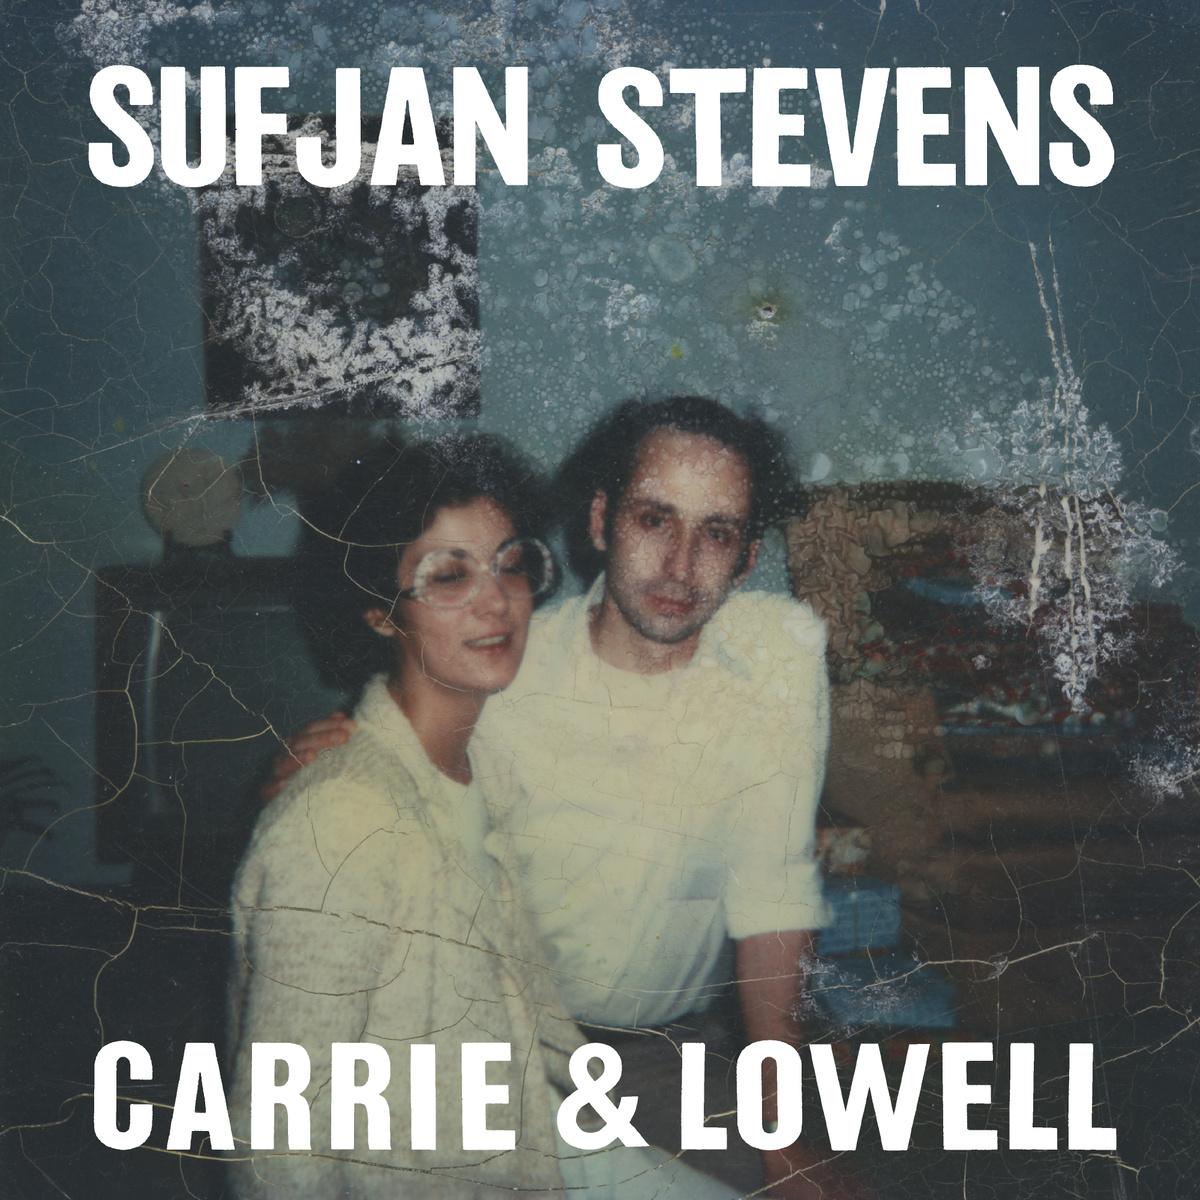 Sufjan Stevens' album Carrie & Lowell